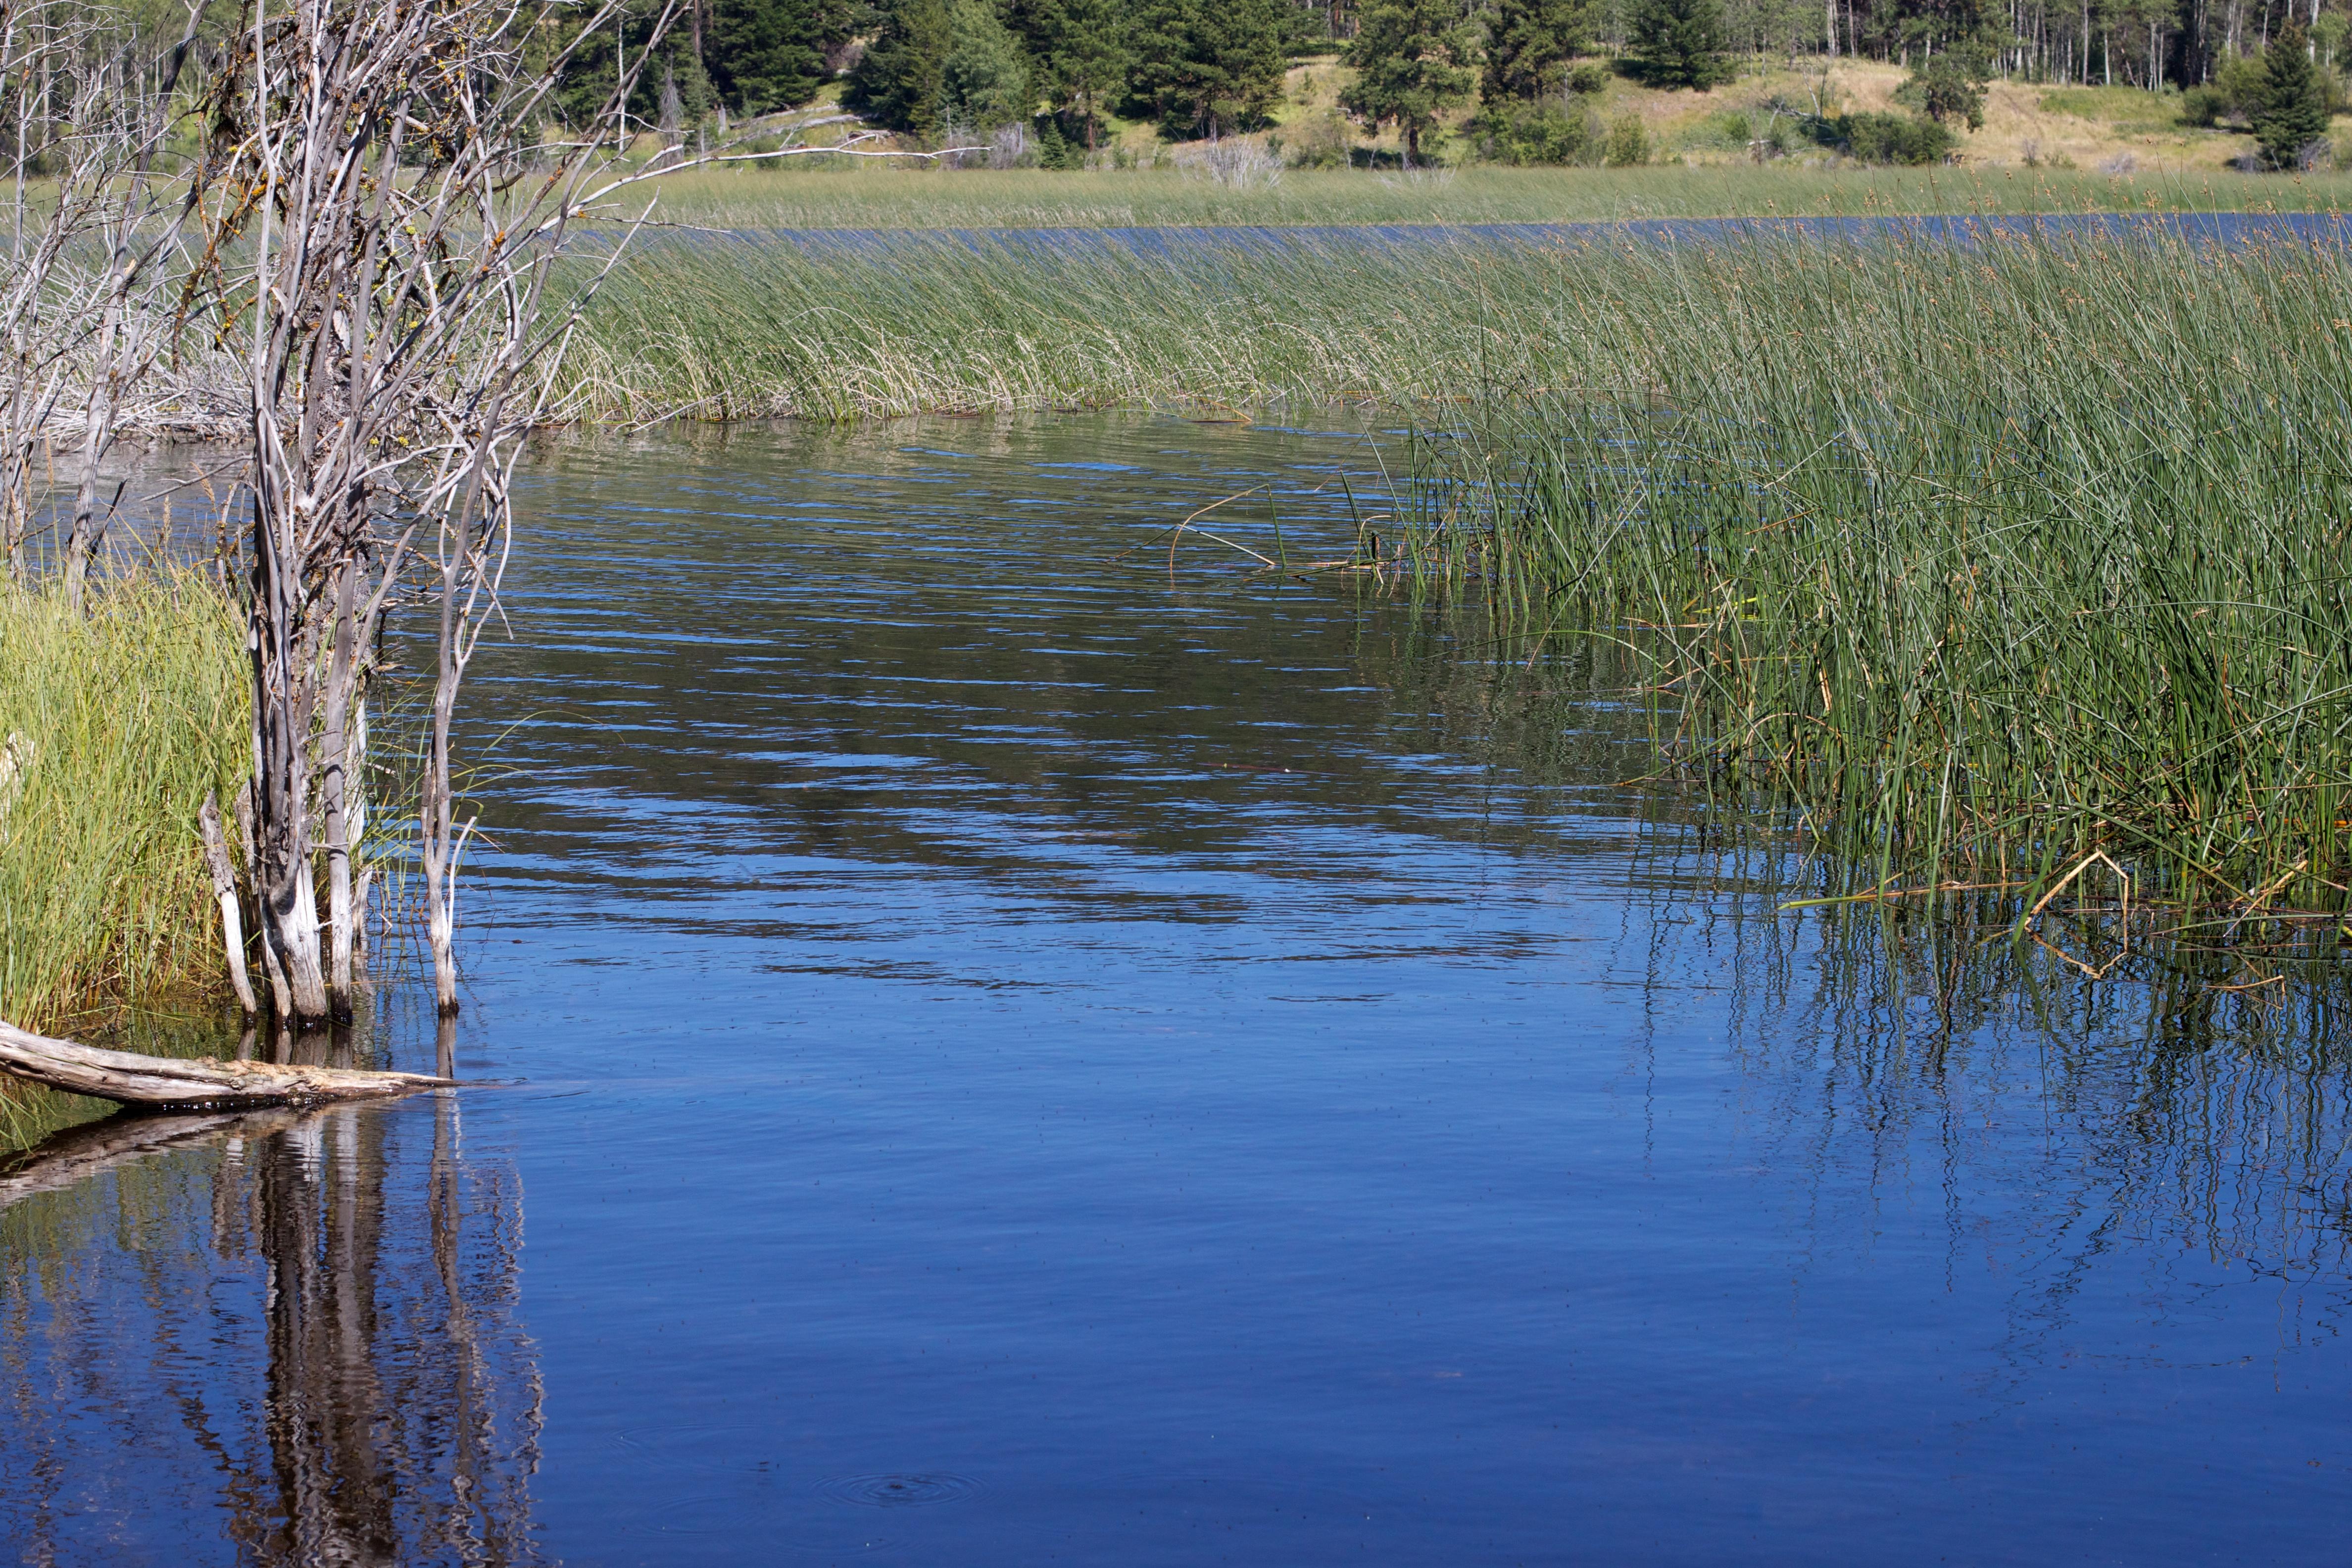 картинки рек озер болот украины множество изображений